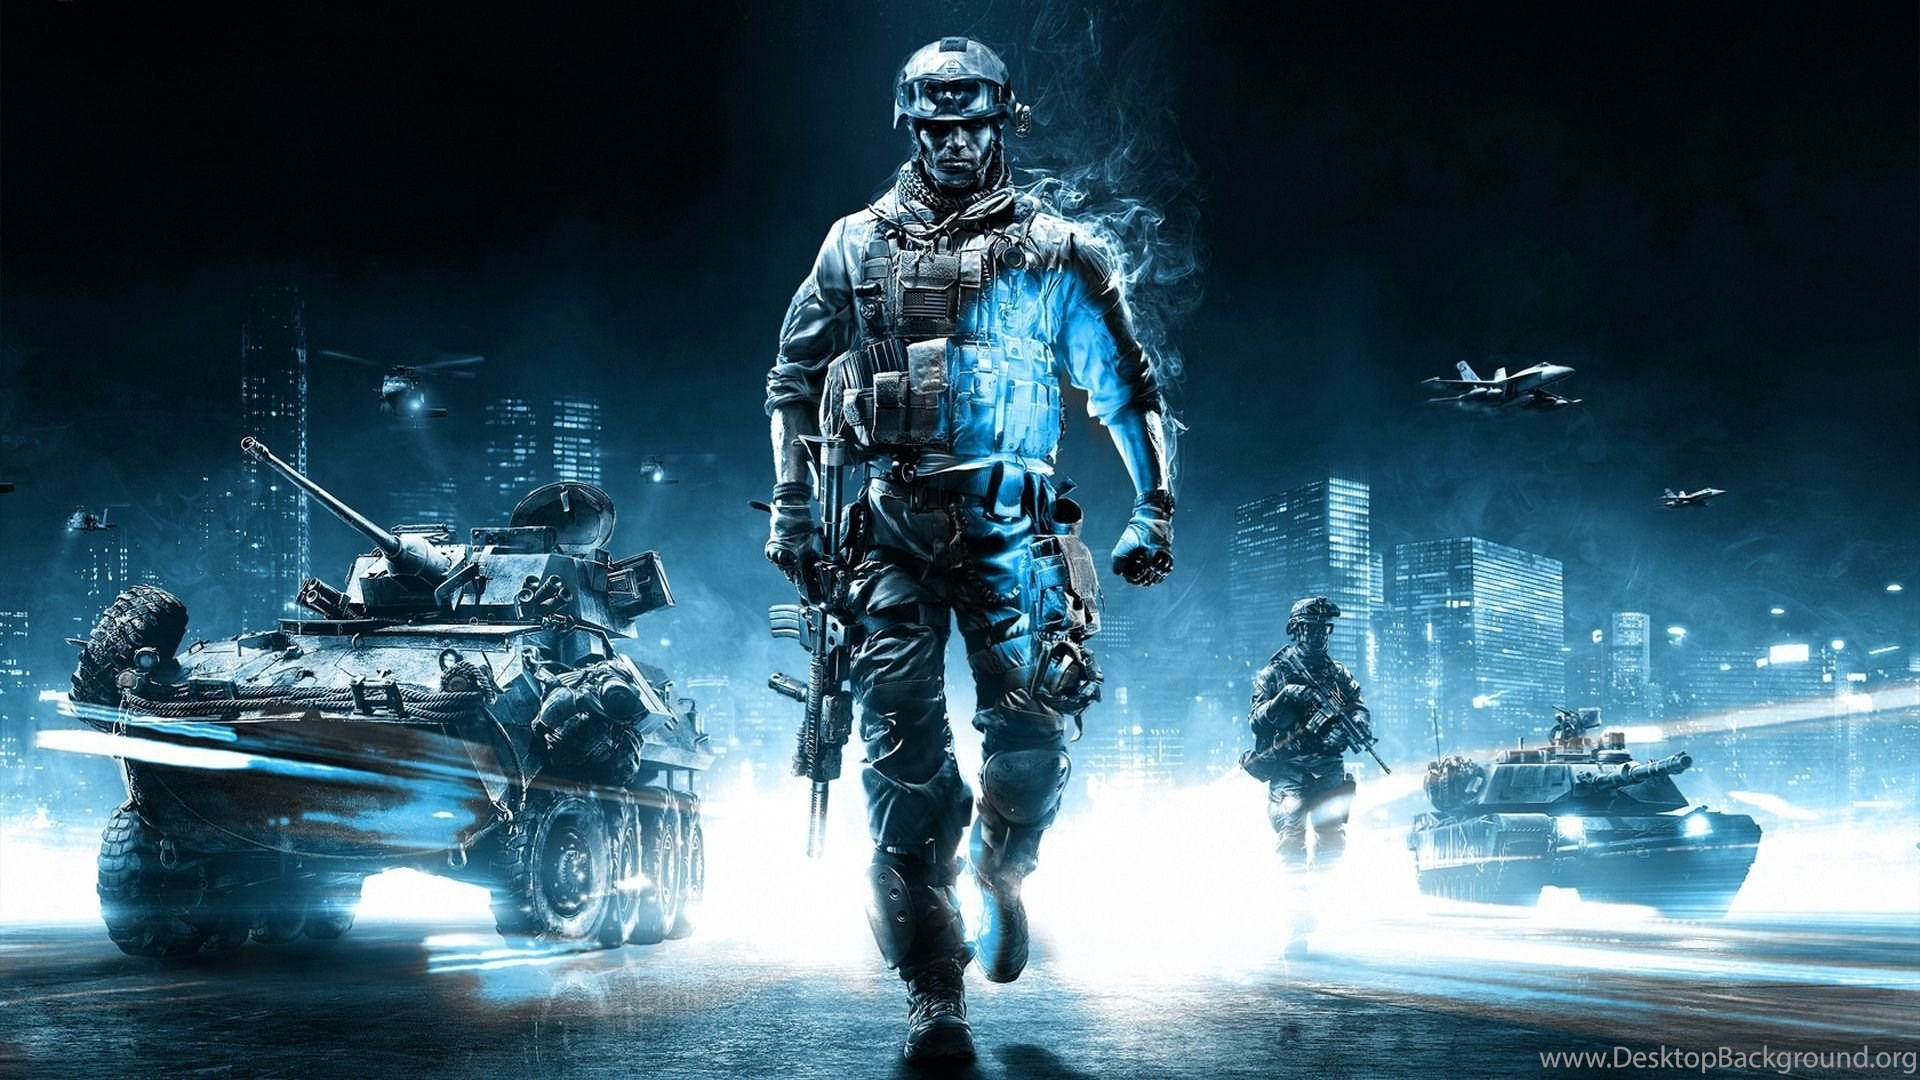 Blue Gaming Wallpapers Imgmob Desktop Background